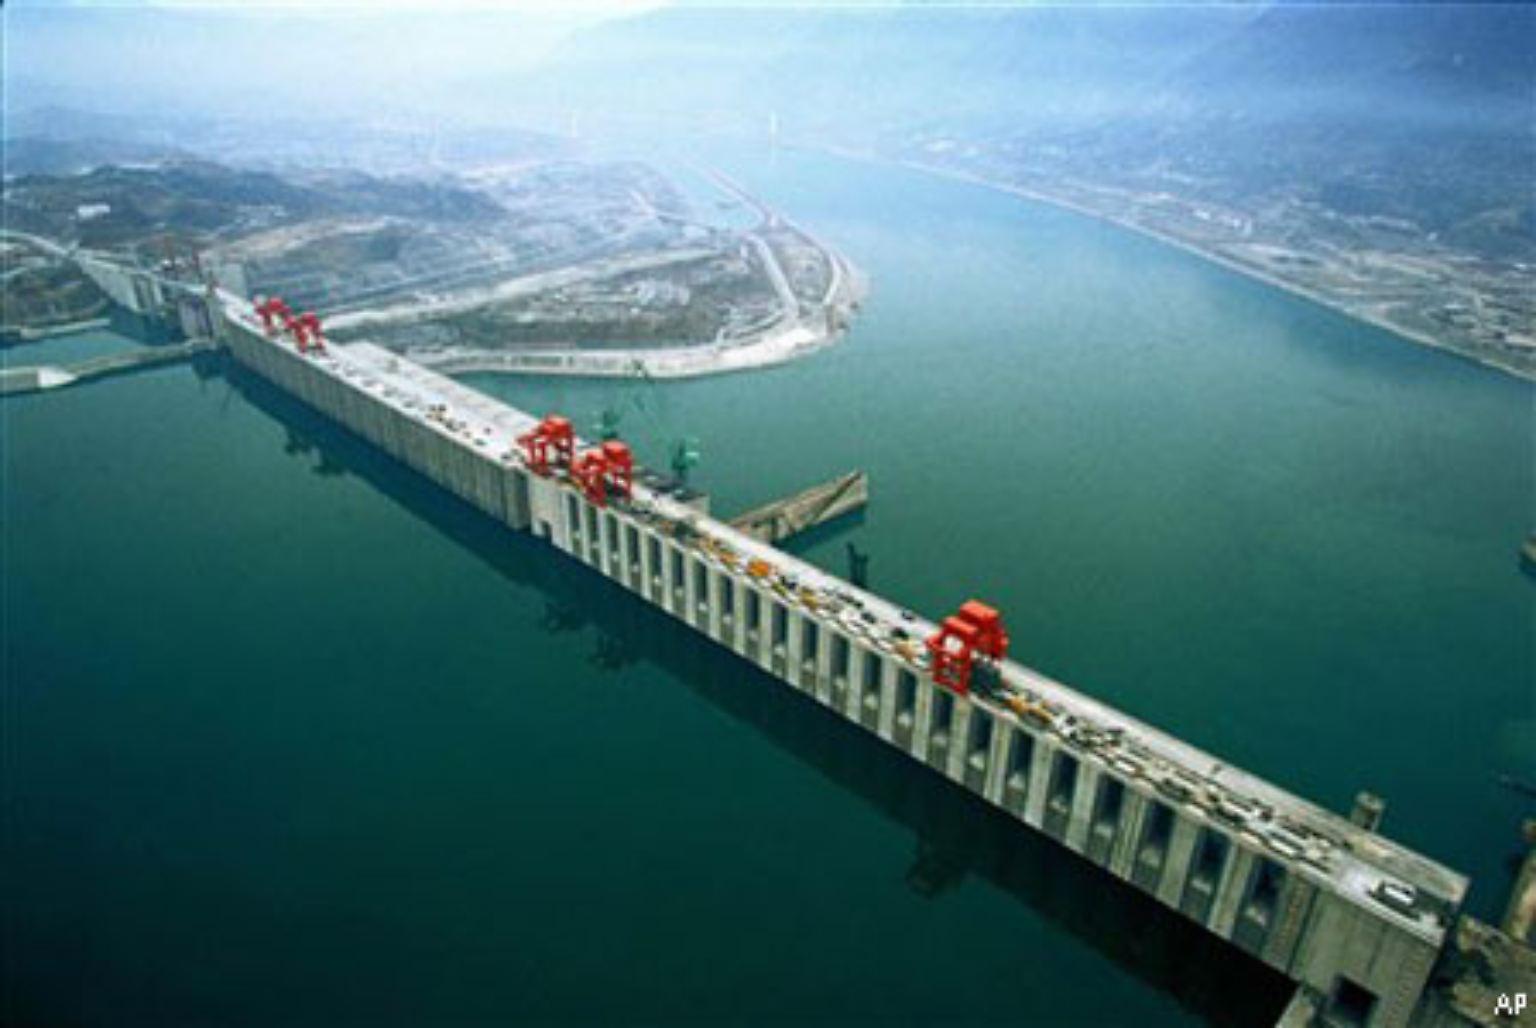 Eine Talsperre von 185 Metern Höhe und rund 200 Metern Länge: Der Drei-Schluchten-Staudamm ist eines der größten und umstrittensten Dammbauprojekte der Welt.